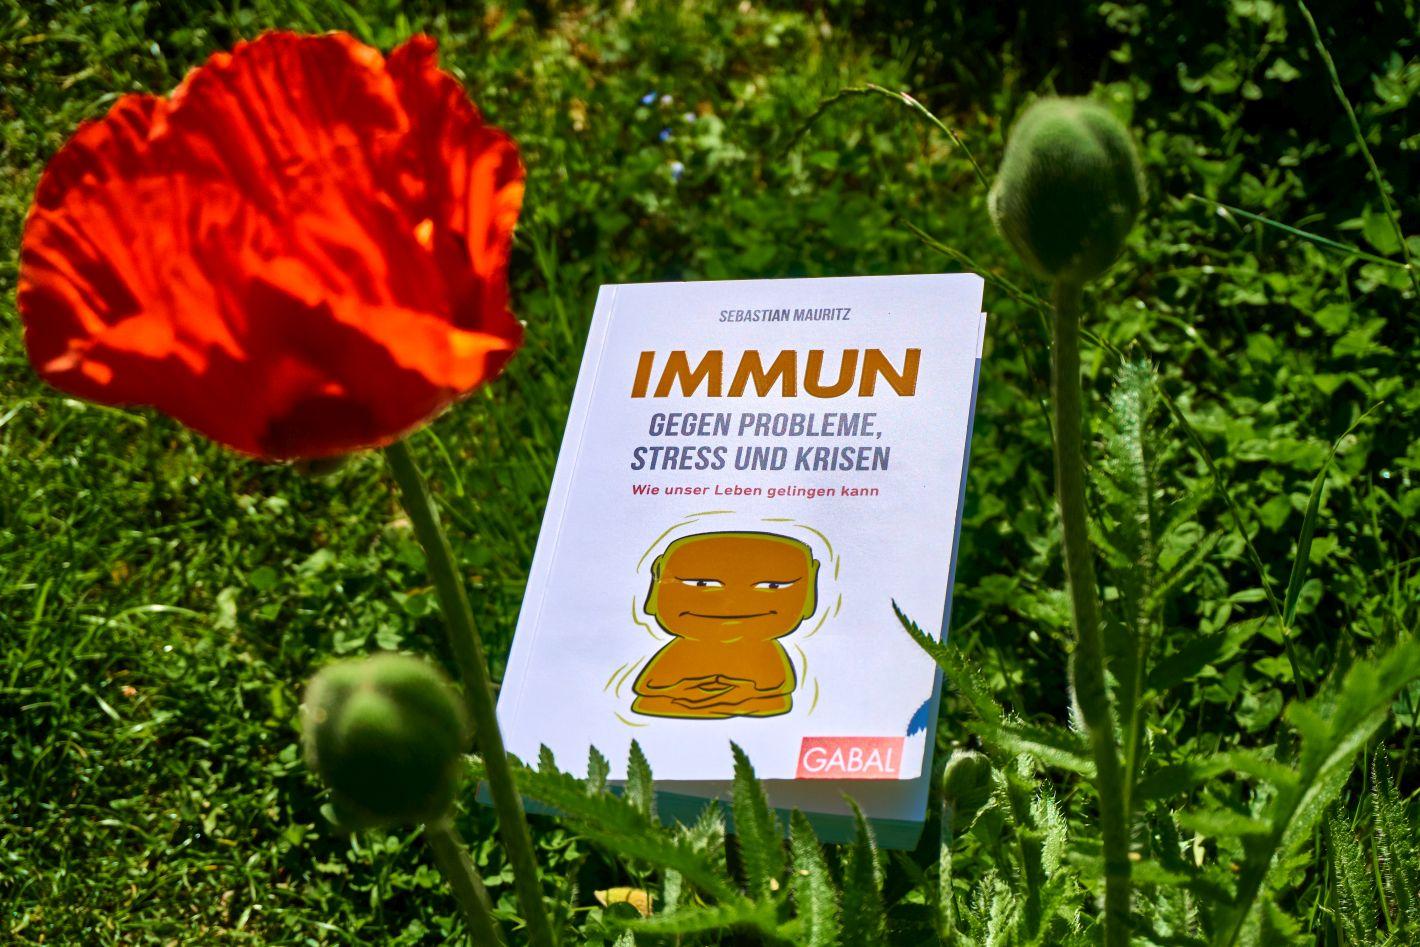 Immun gegen Stress, Probleme und Krisen (Mauritz). Buch mit Mohnblüte